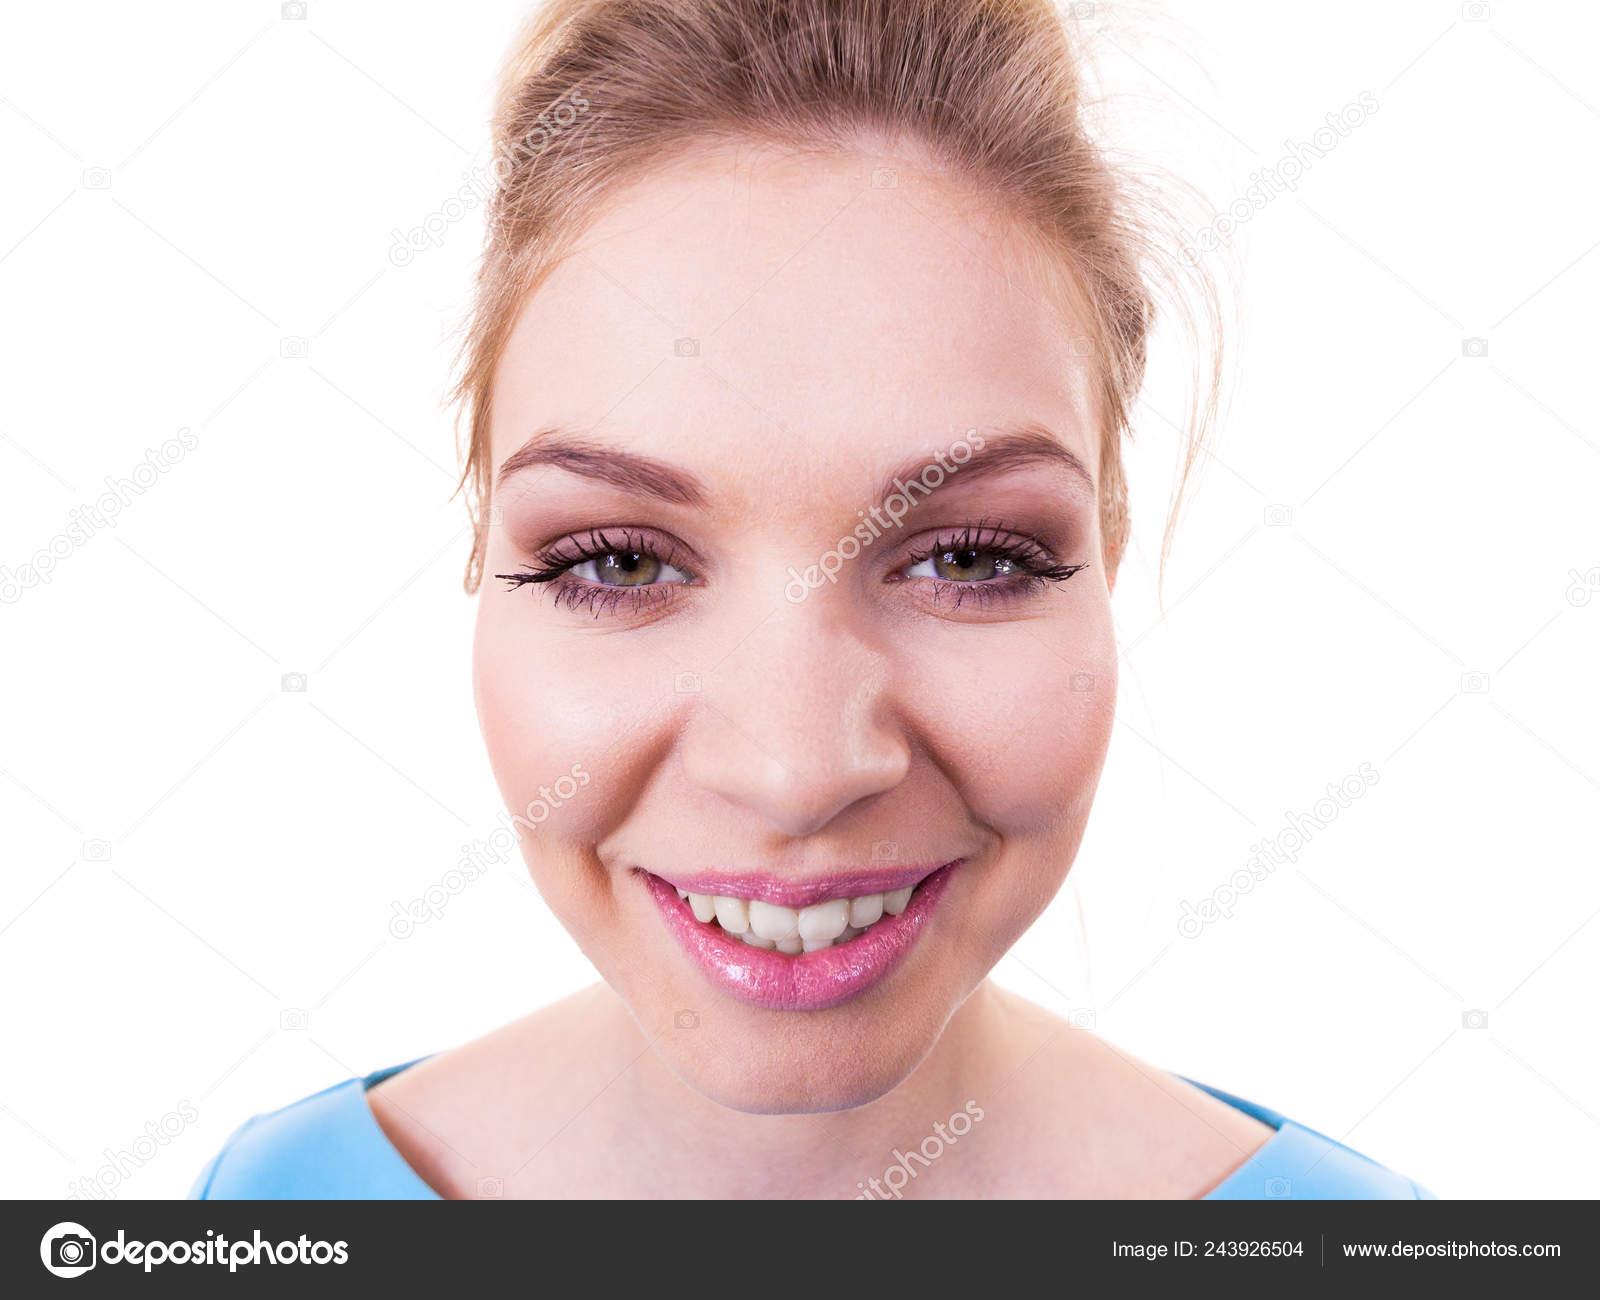 Секс улыбка